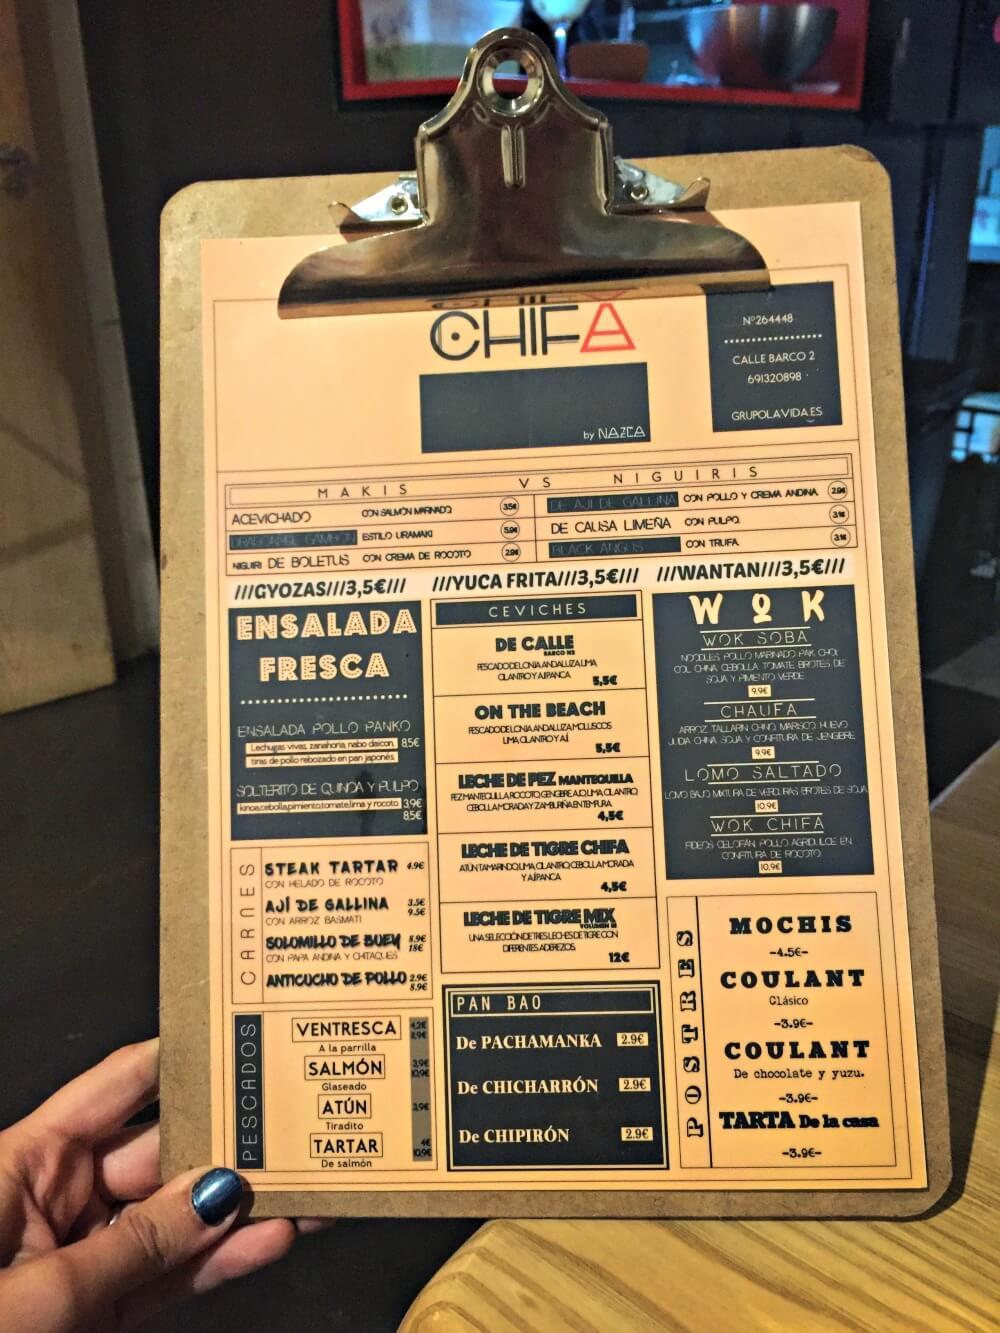 Carta del menú del restaurante Chifa en Sevilla